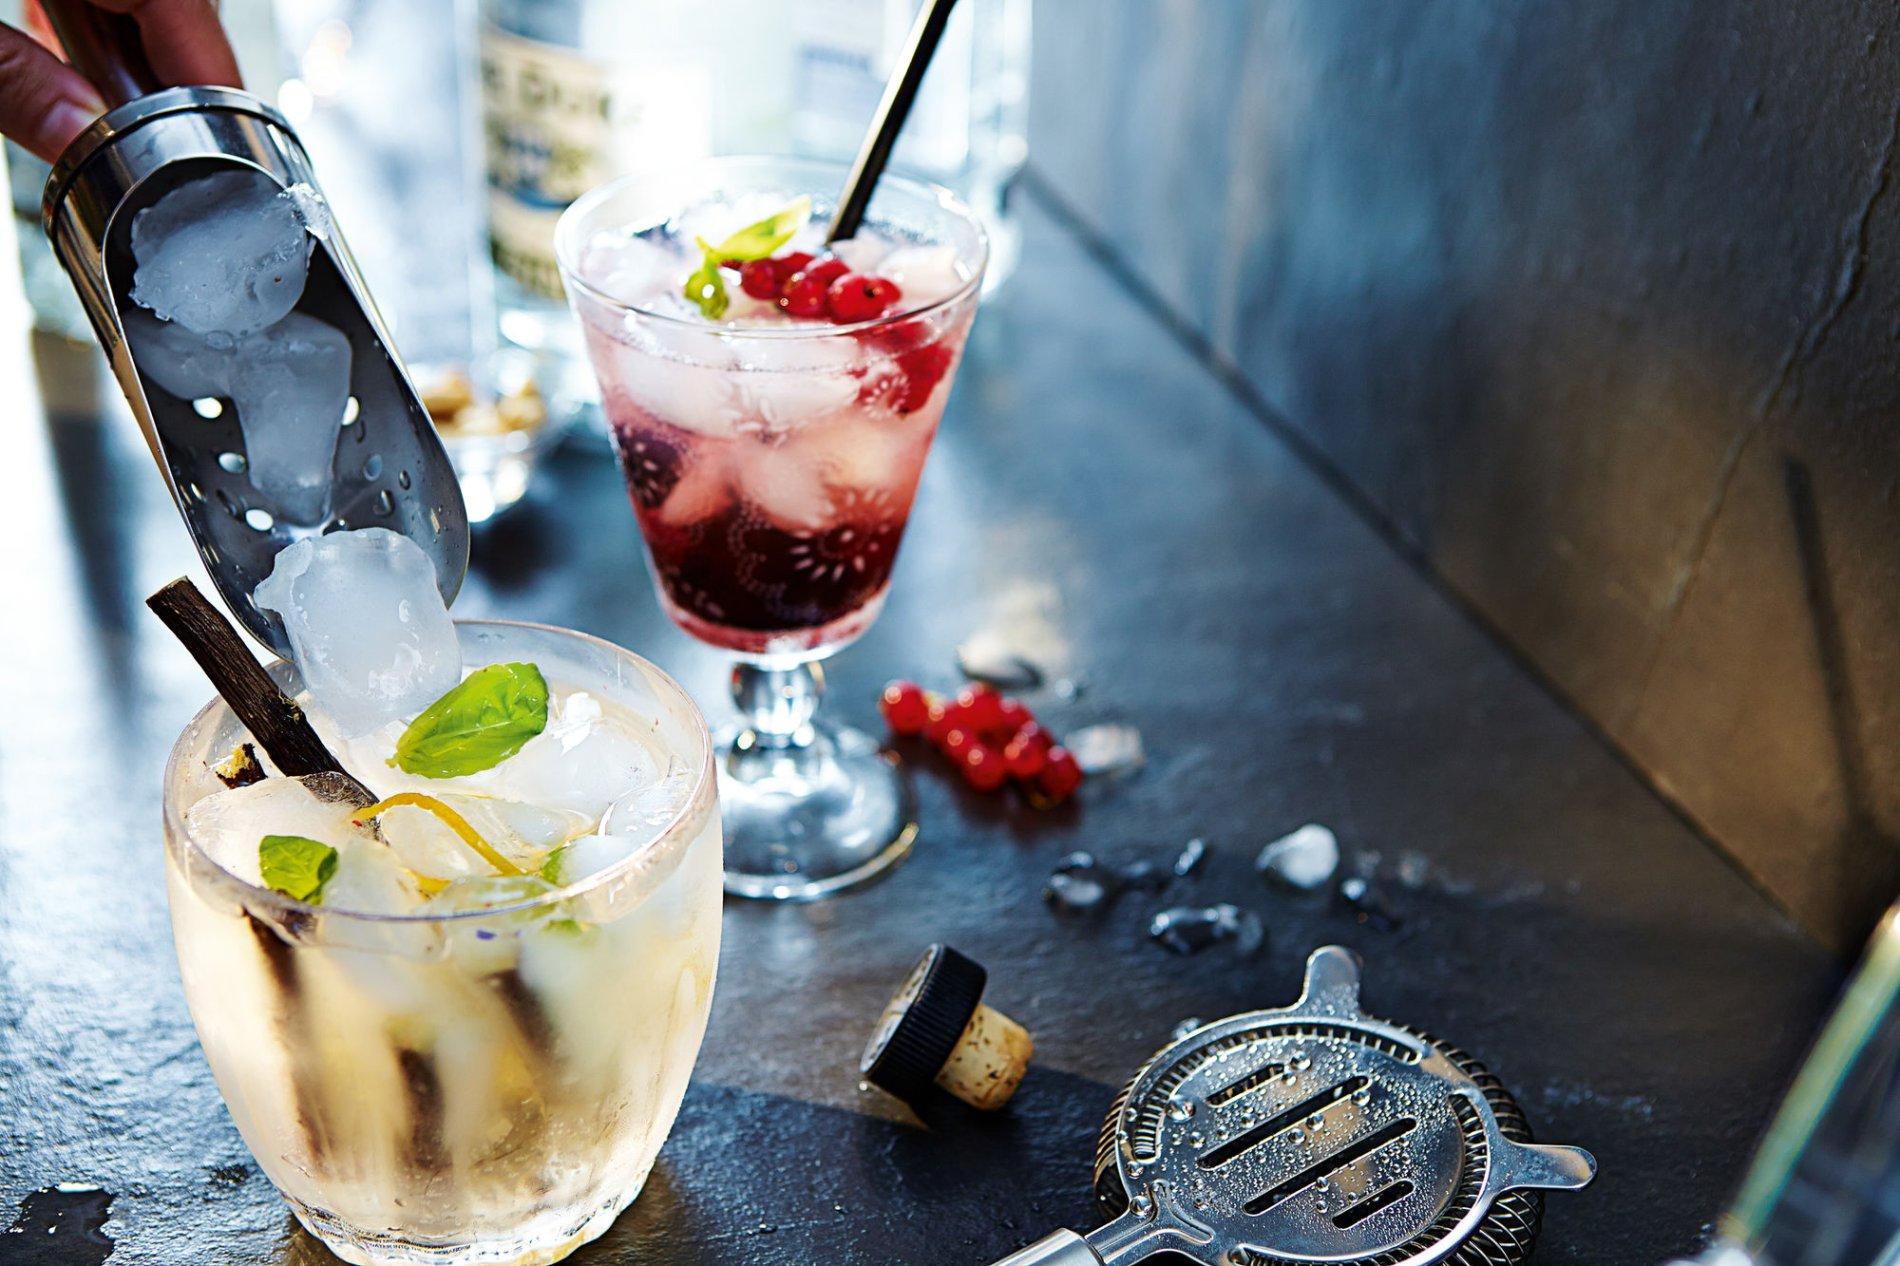 Ein Tisch mit zwei Gläsern mit bunten Cocktails. Eine Person befüllt ein Glas mit Eiswürfeln.